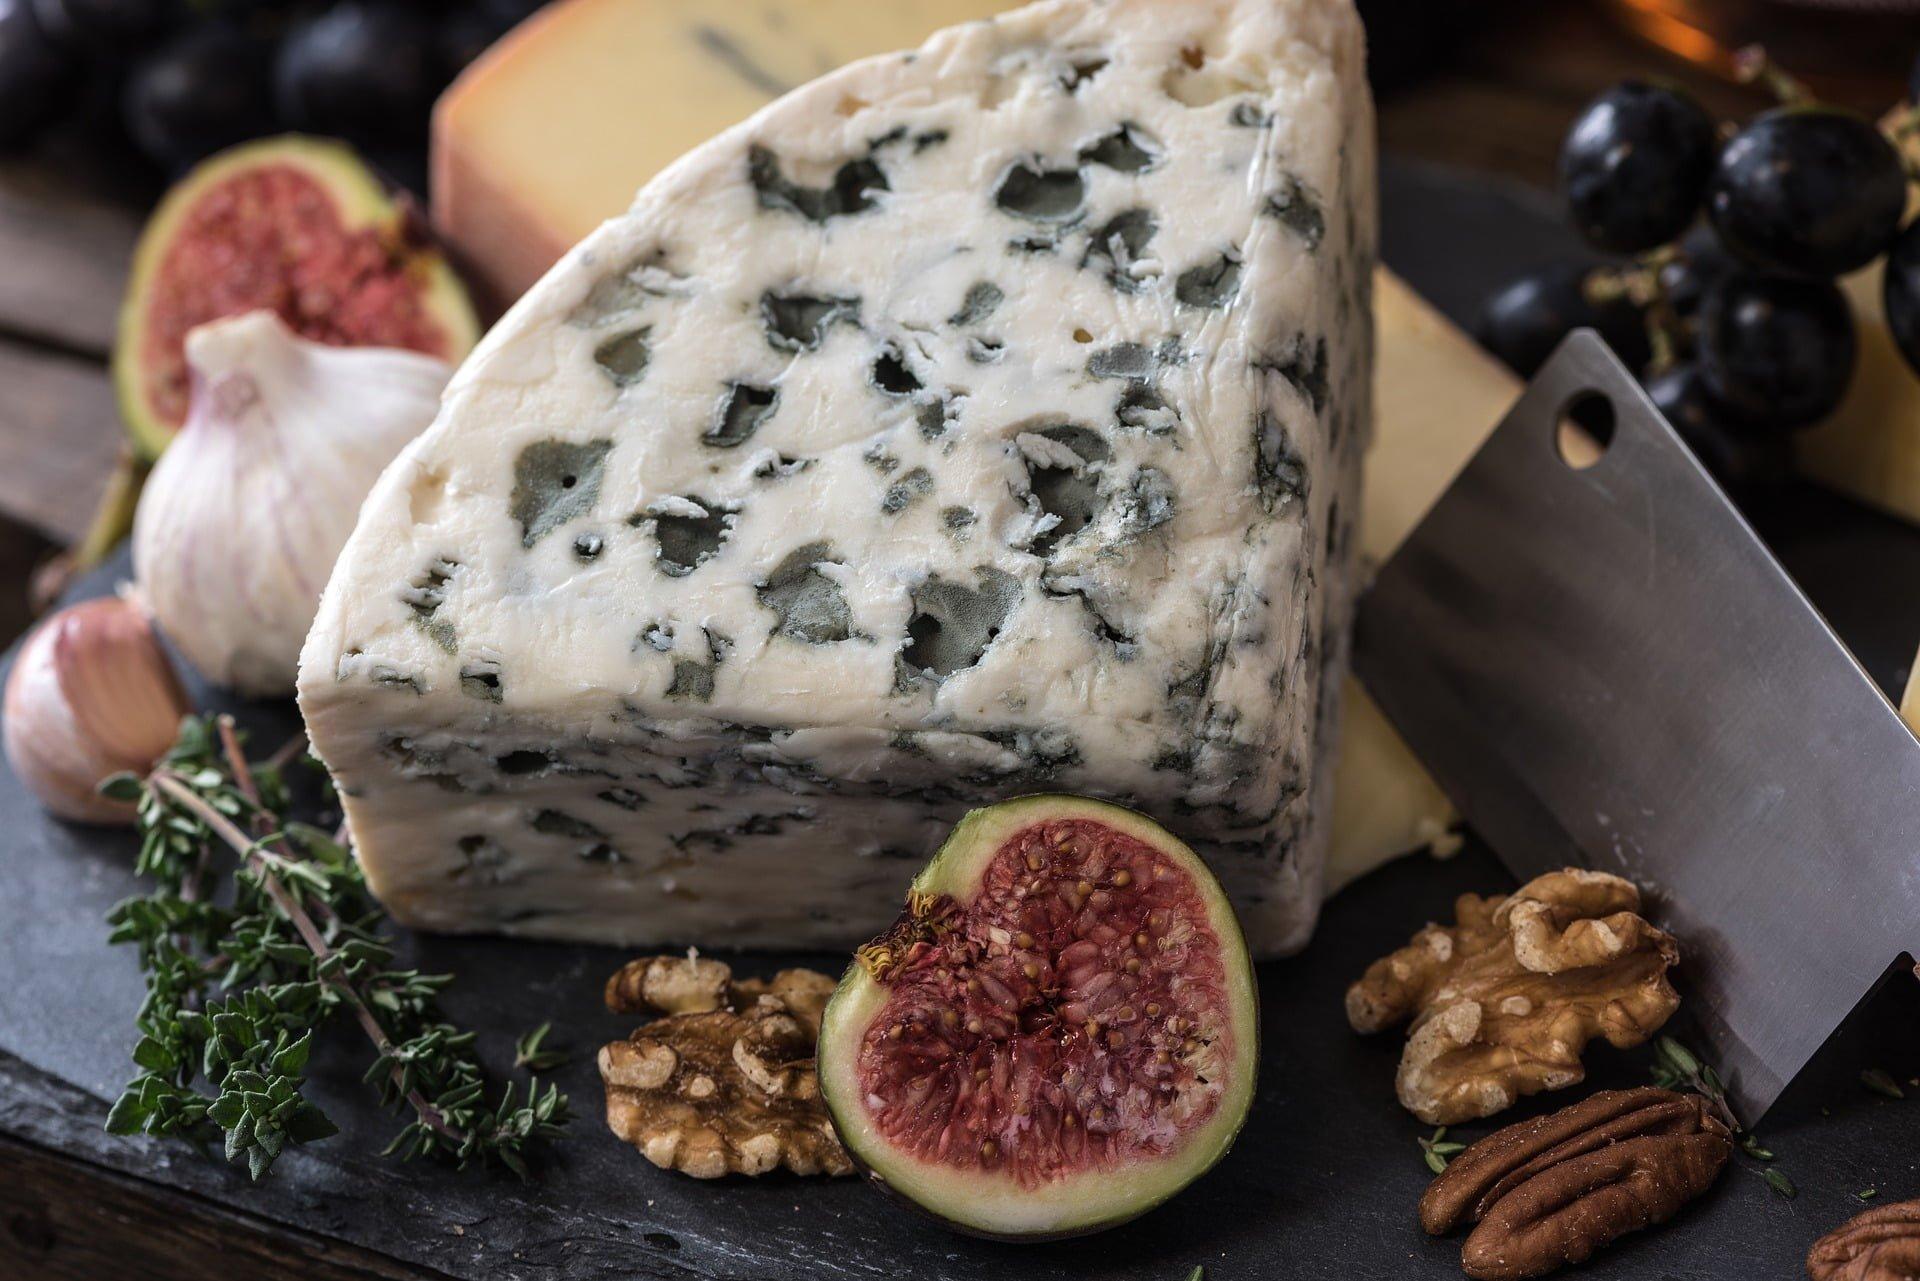 Blue cheese starter kit